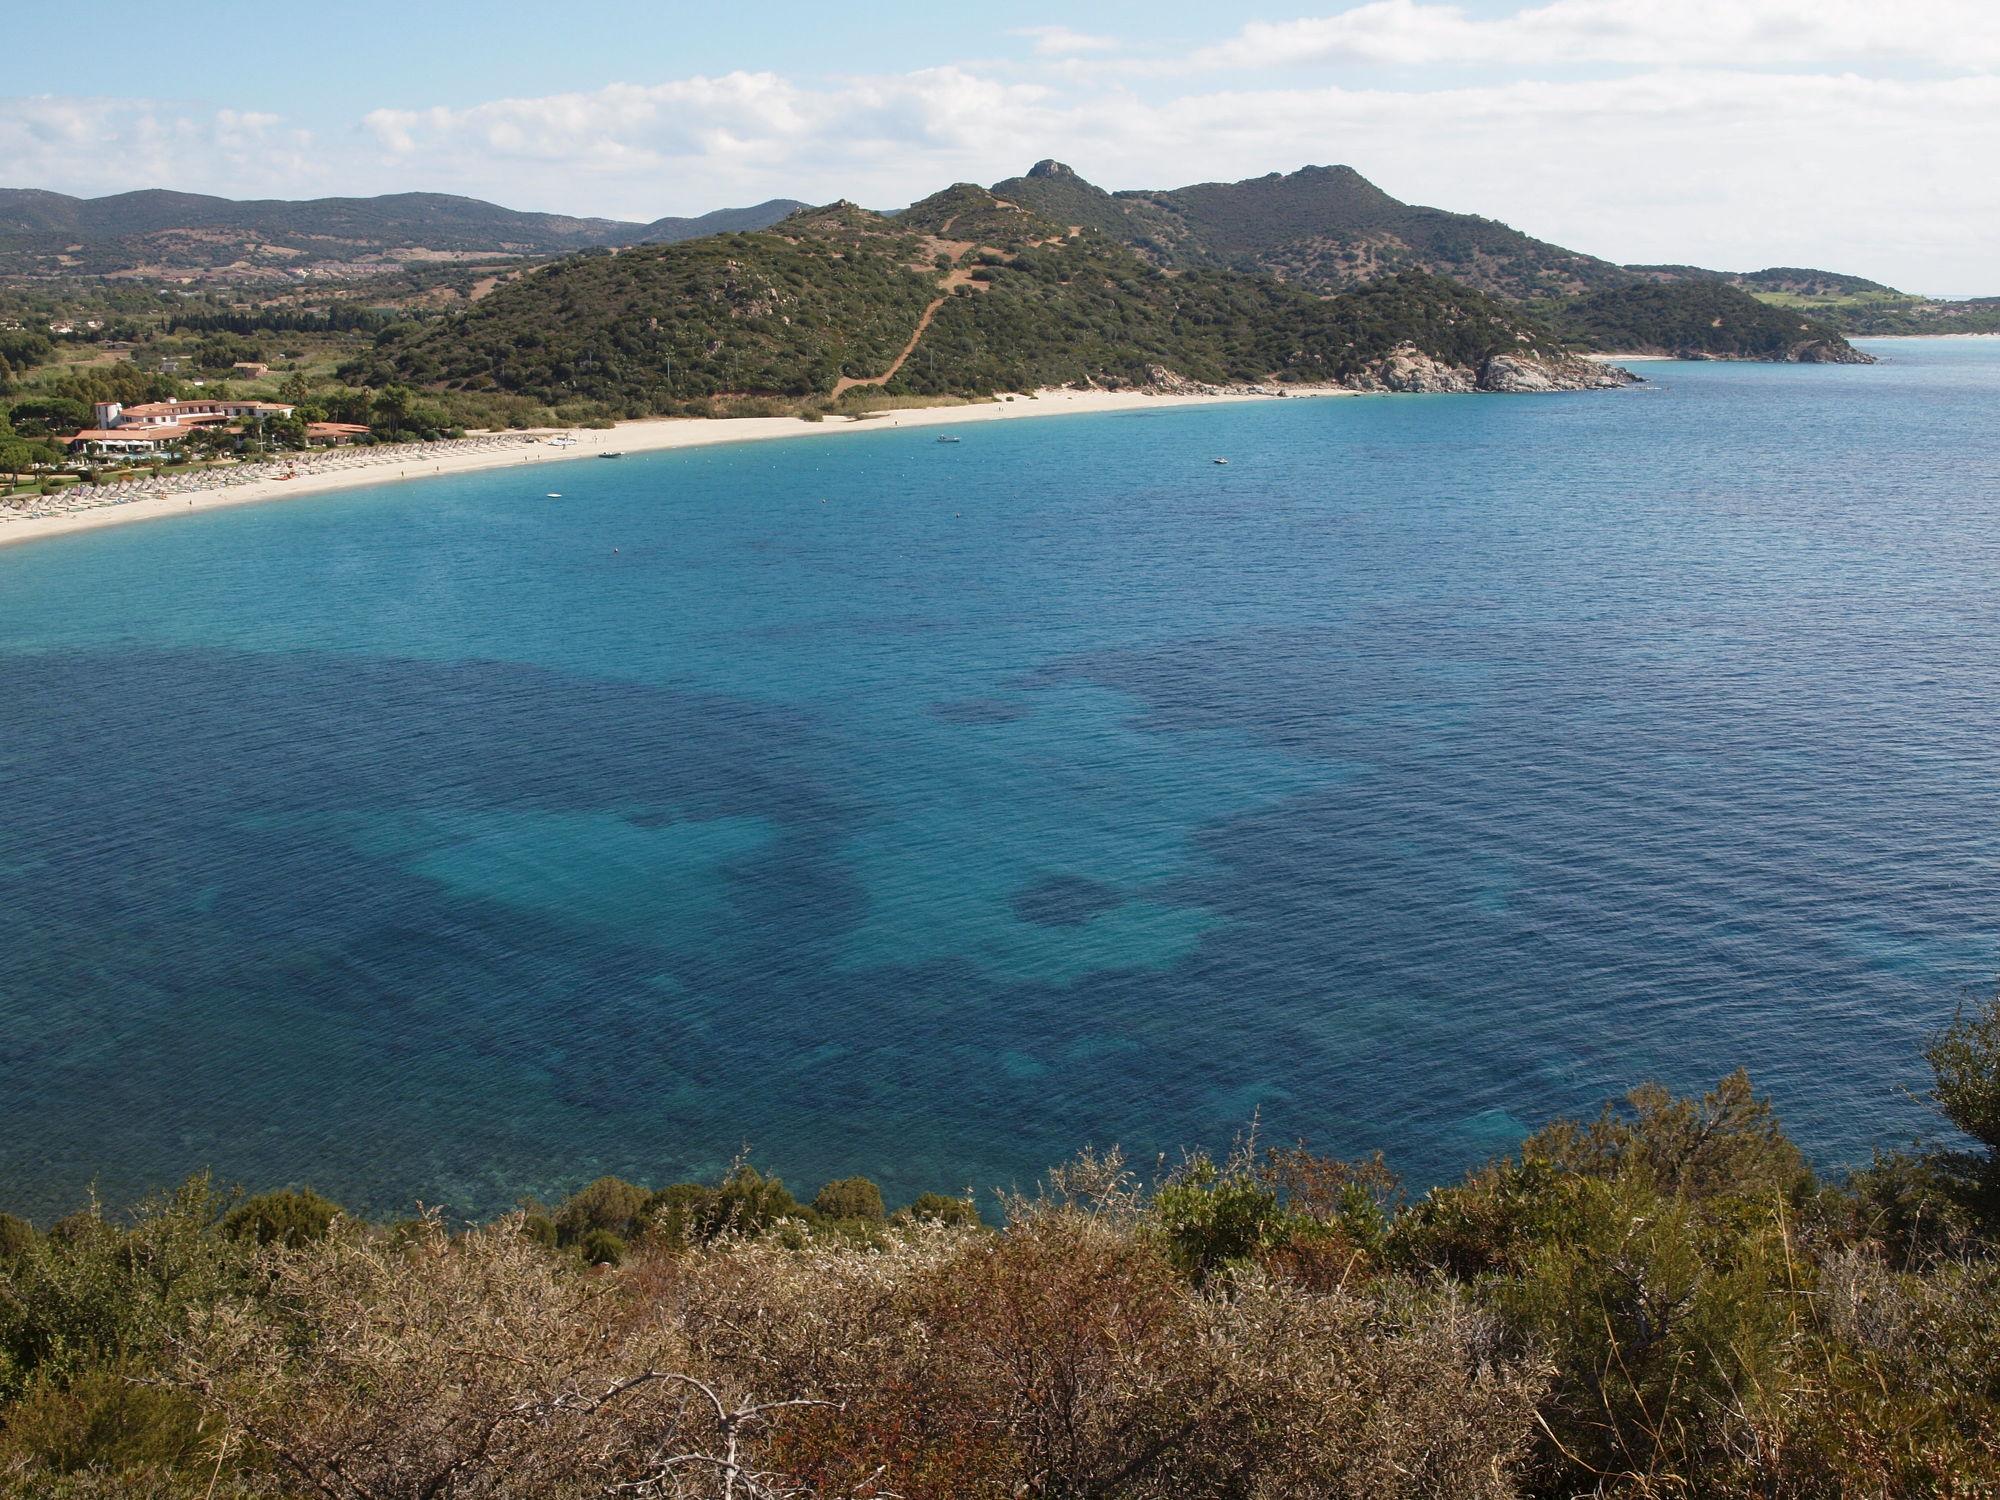 Bild mit Natur, Gewässer, Strände, Urlaub, Strand, Sandstrand, Meer, Sardinien